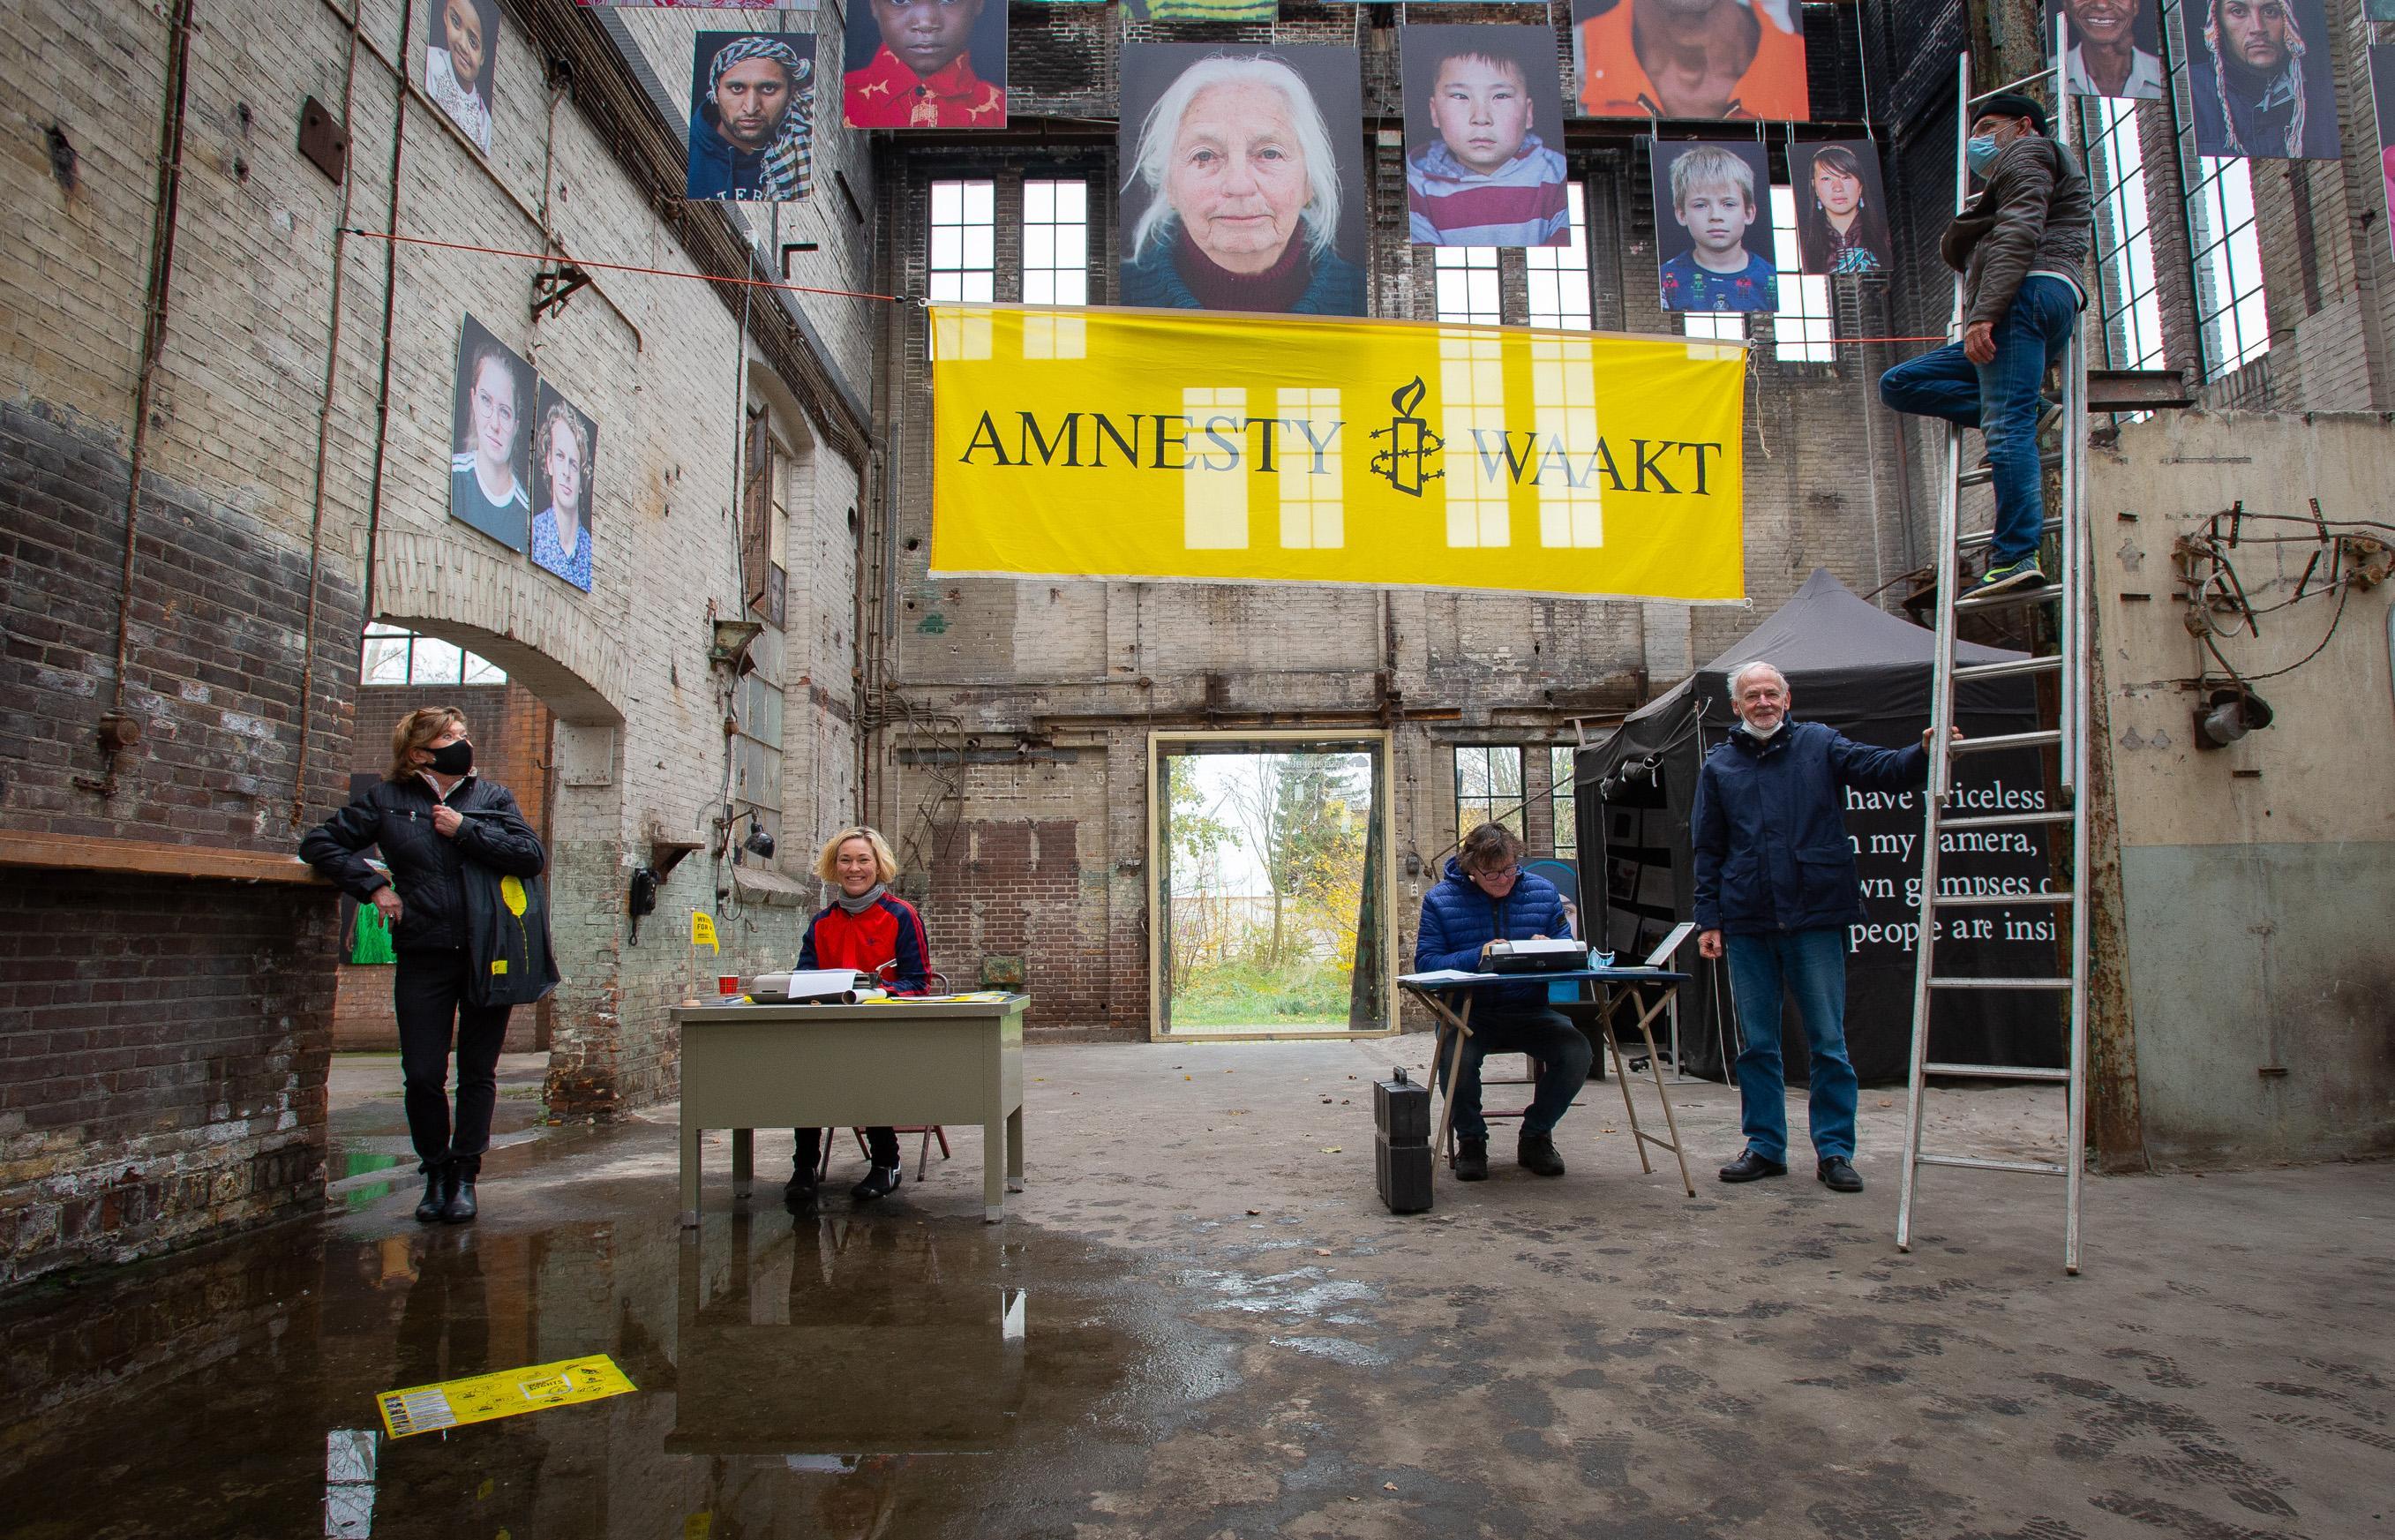 'Omdat ieder mens een kunstwerk is': schrijven voor Amnesty in Museum of Humanity op Hembrugterrein